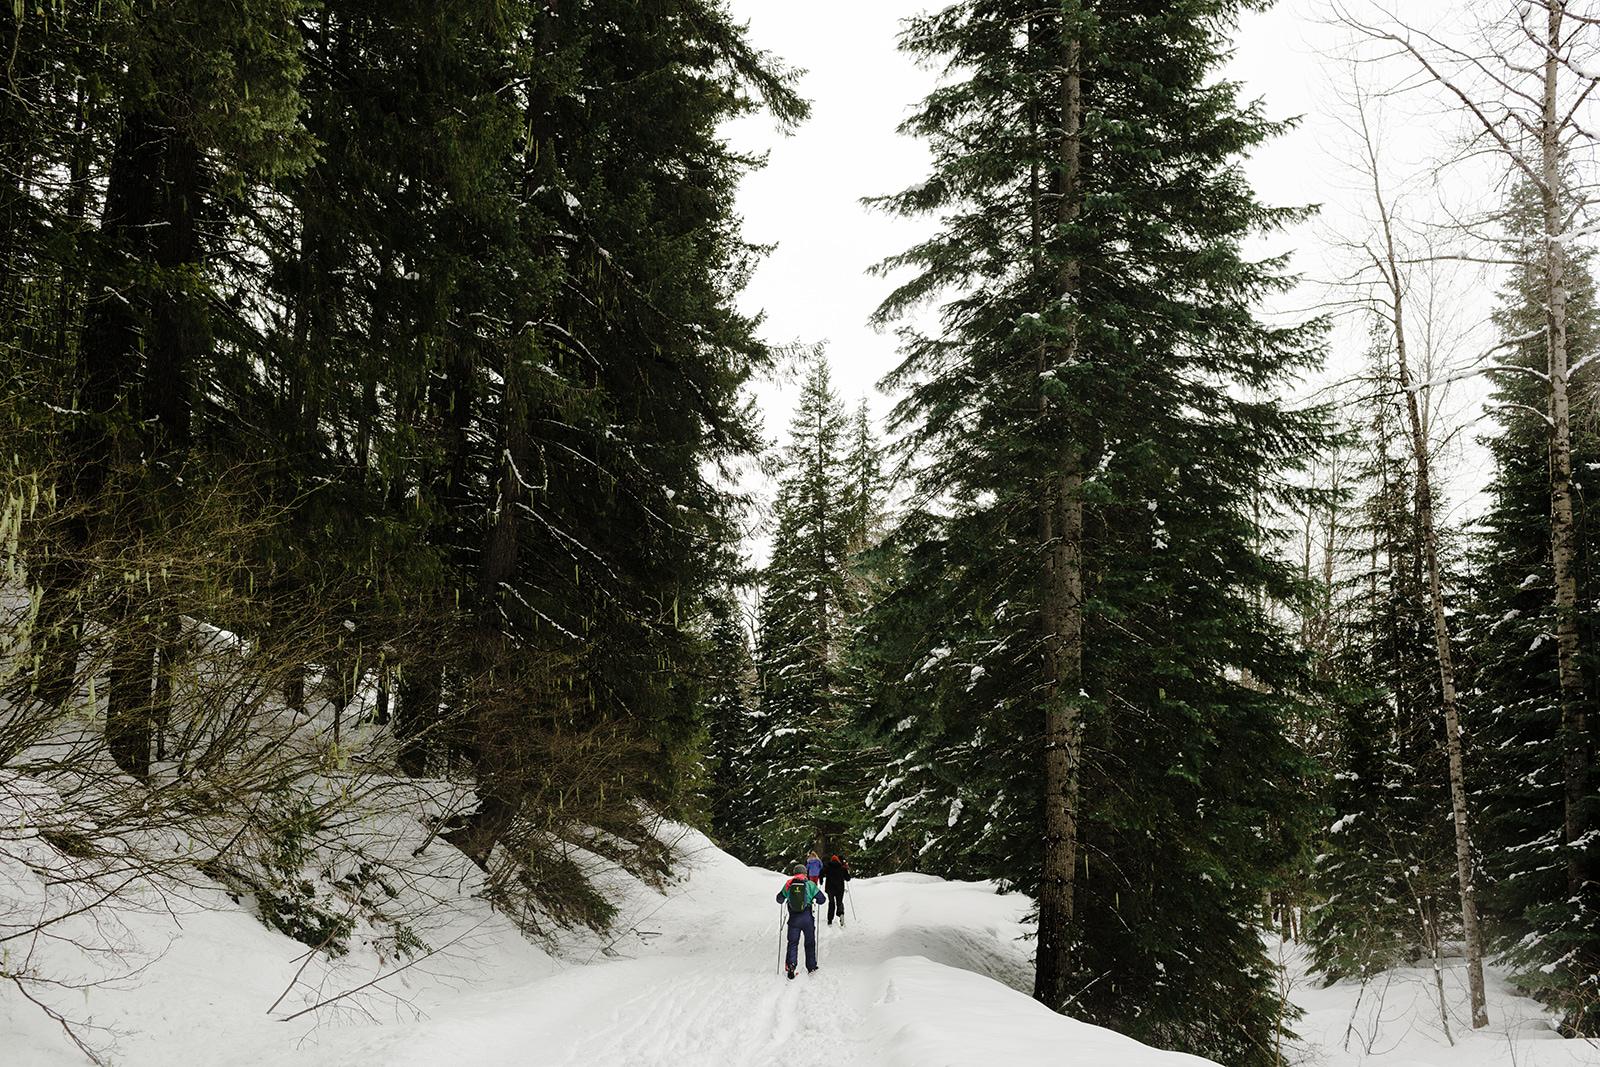 Washington - Leavenworth, February 2018